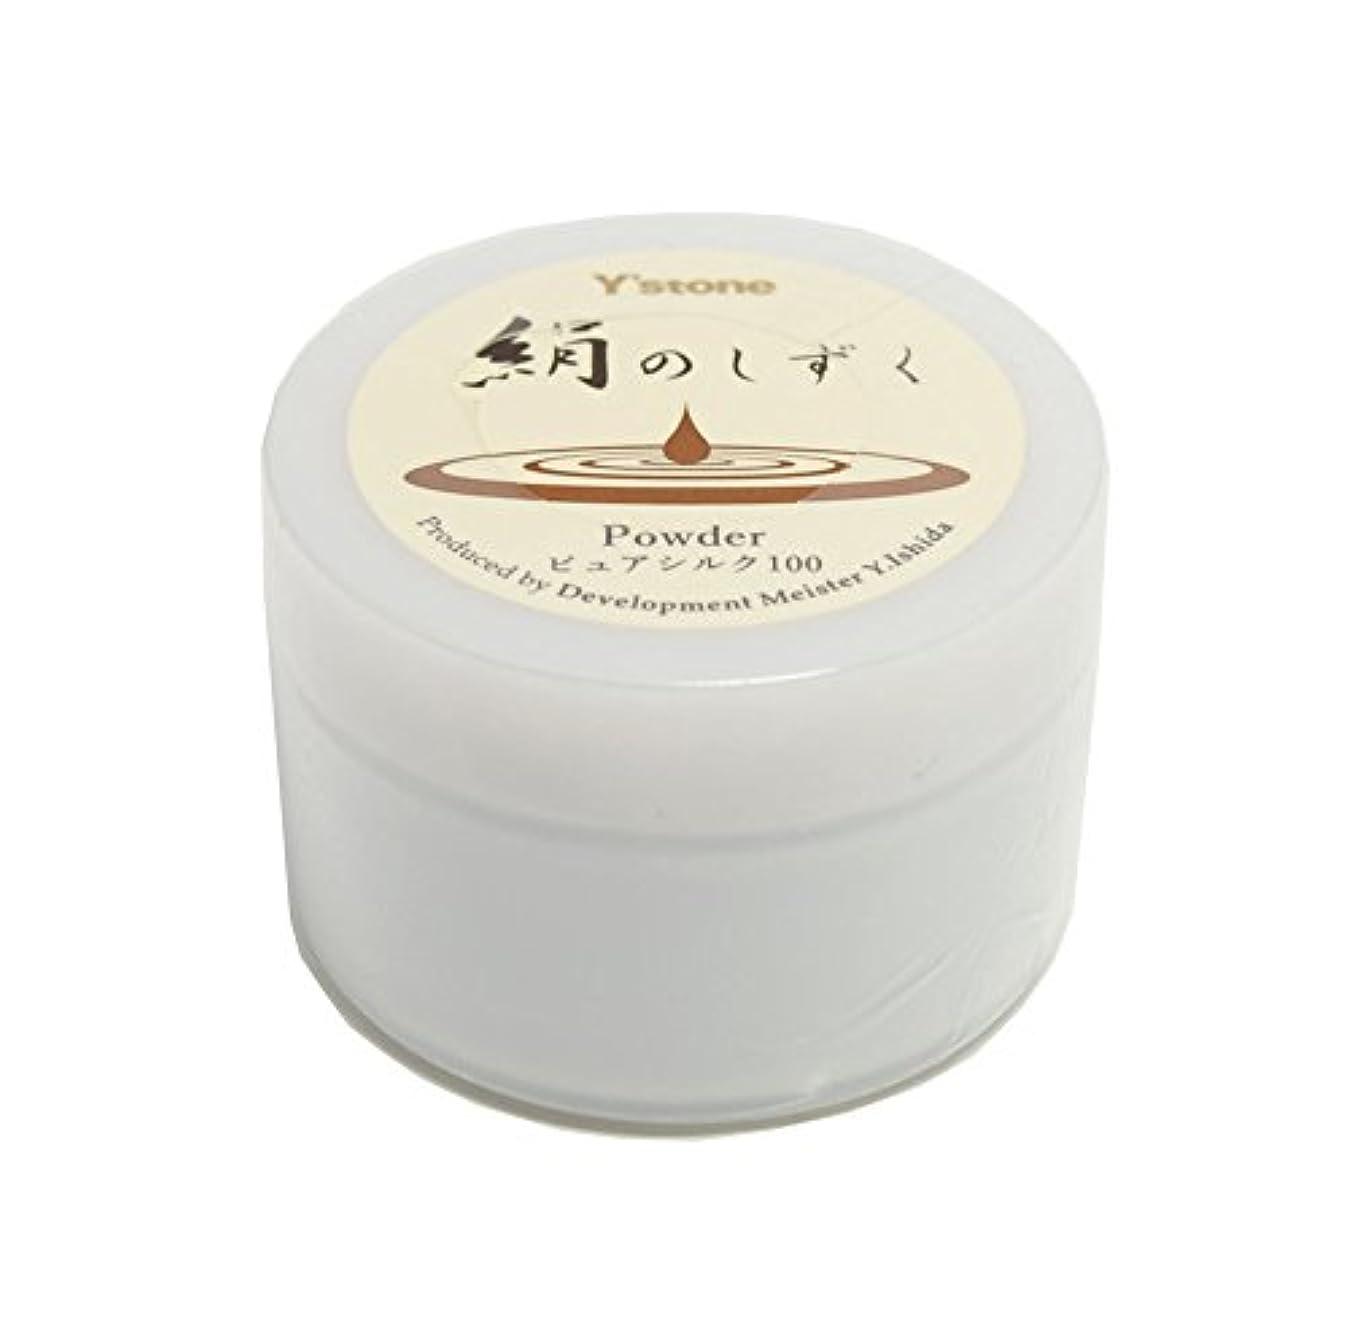 発掘する小康未来絹のしずく シルクパウダー100 8g 国産シルク100% 使用。シルク(まゆ)を丸ごと使用☆自然の日焼けを防ぐ効果が期待